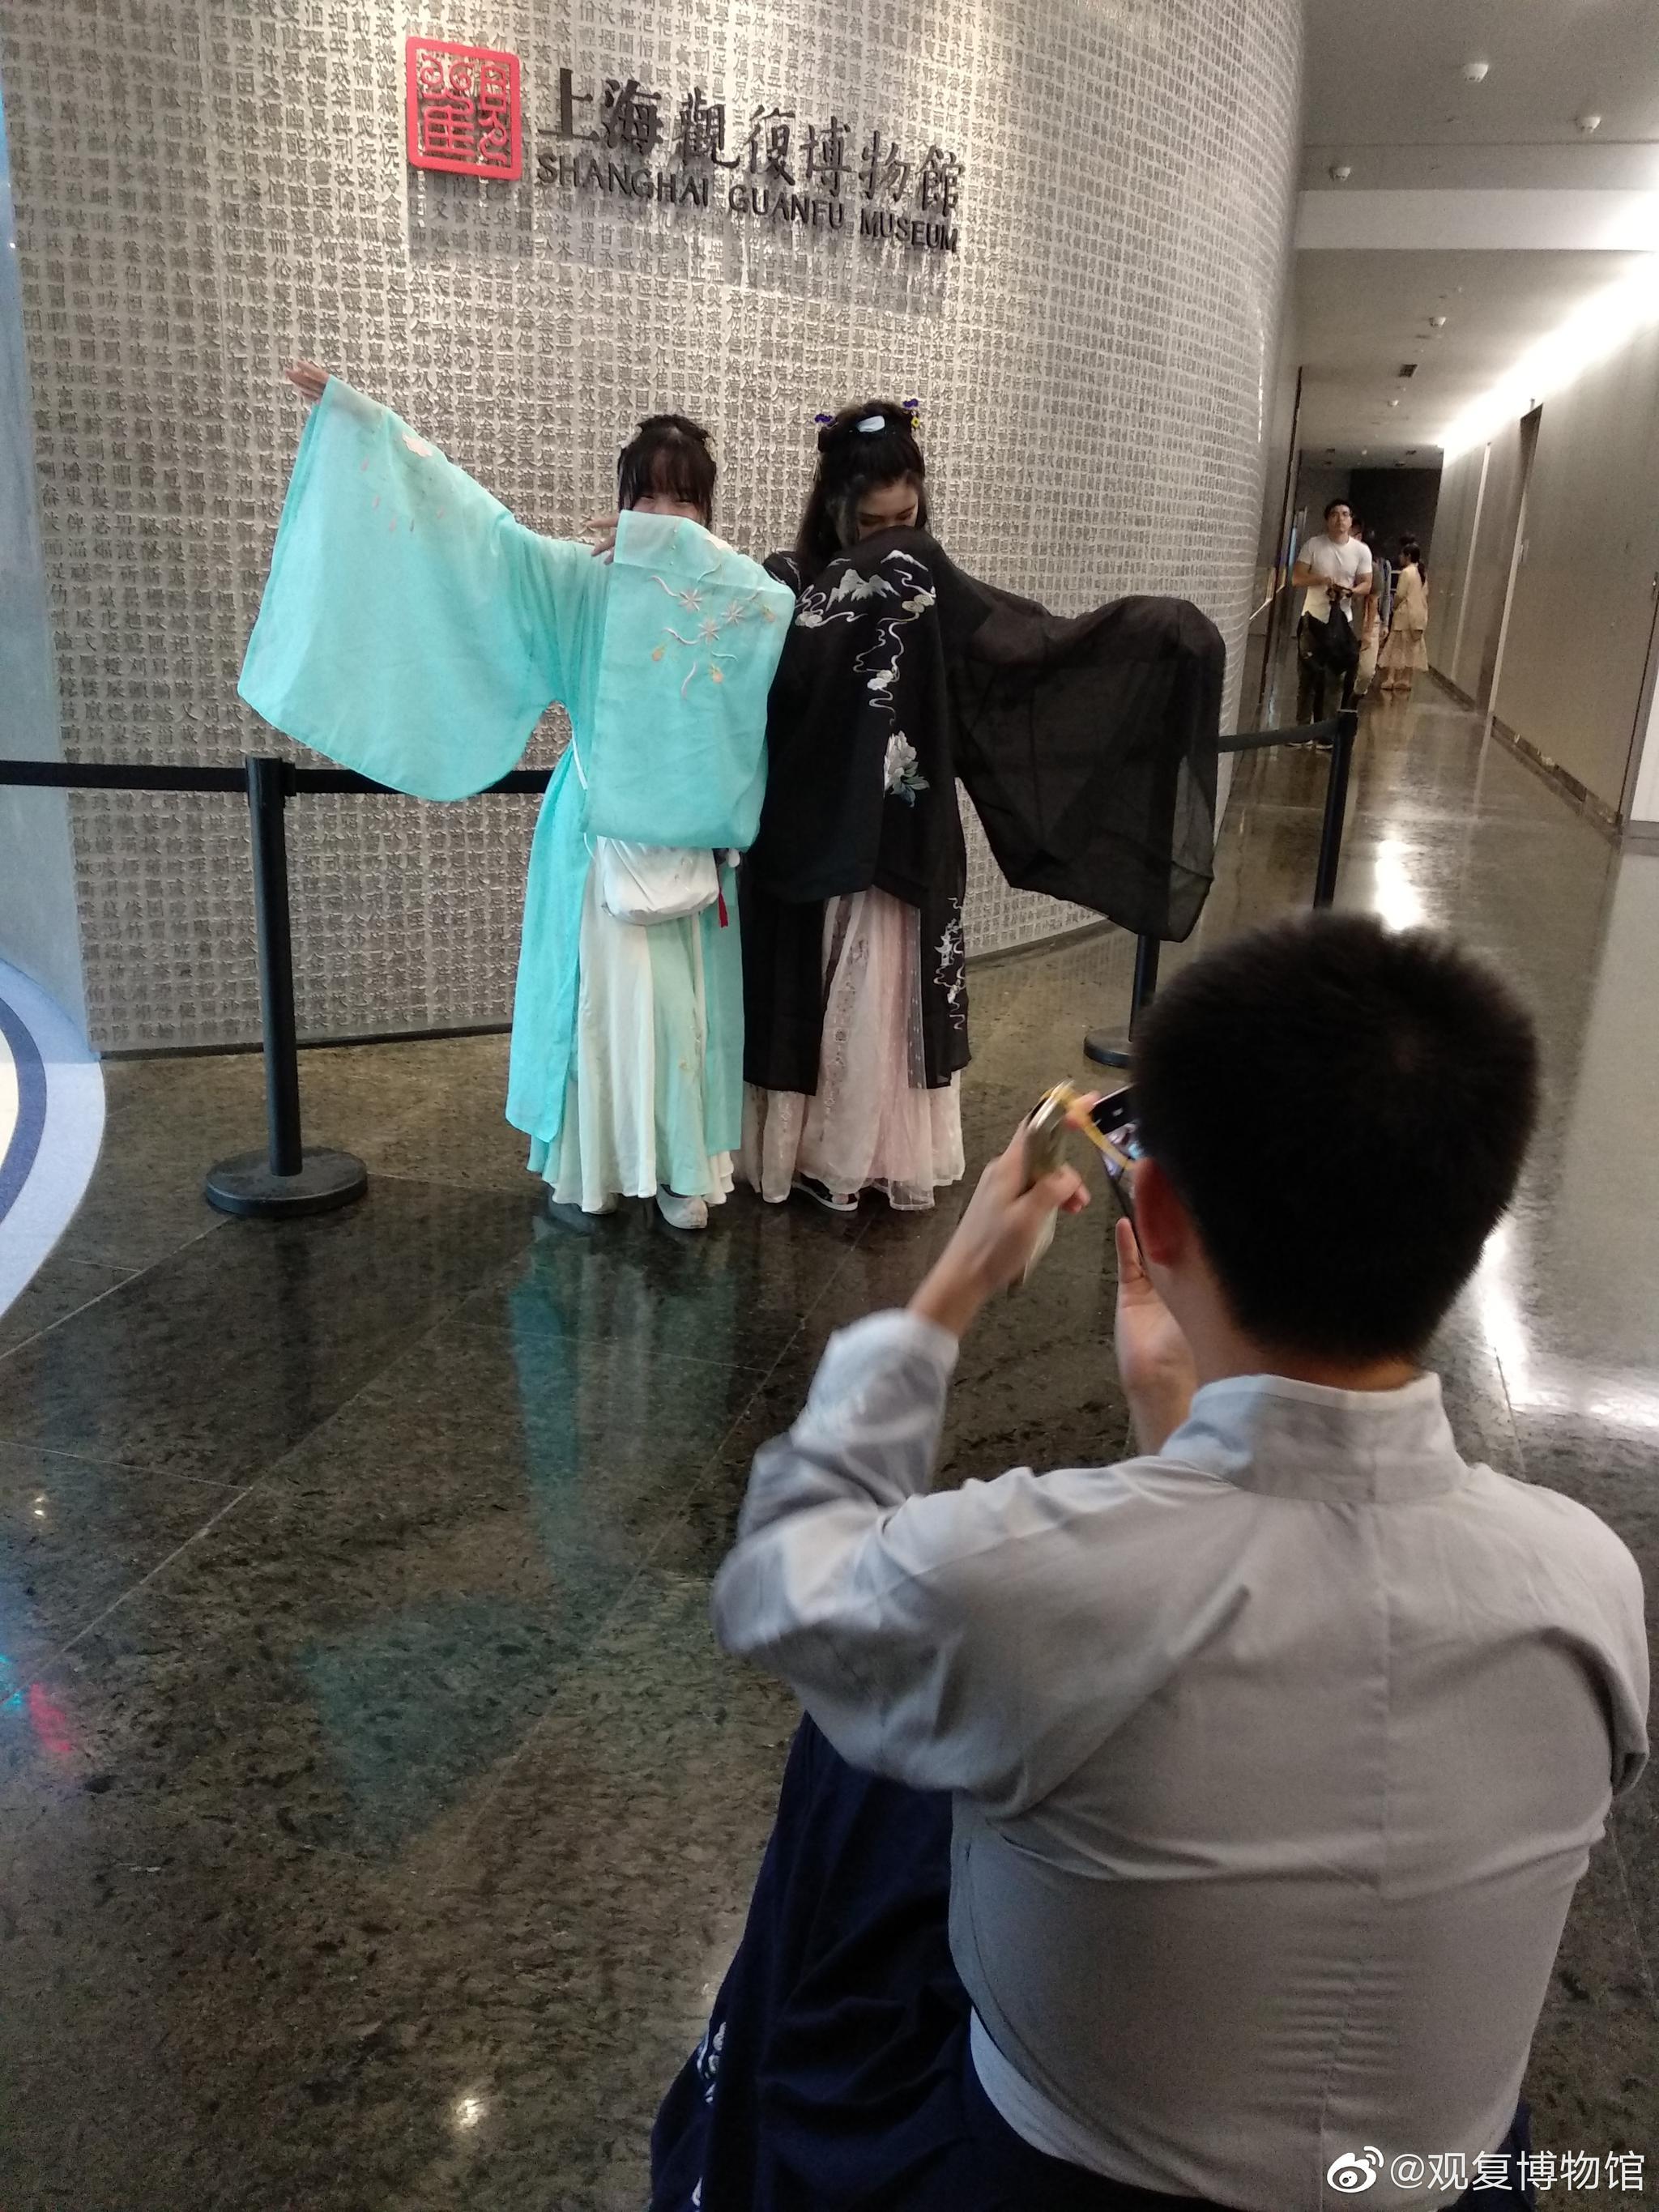 上海 新展《风景旧曾谙-中国古代江南文物展》开幕